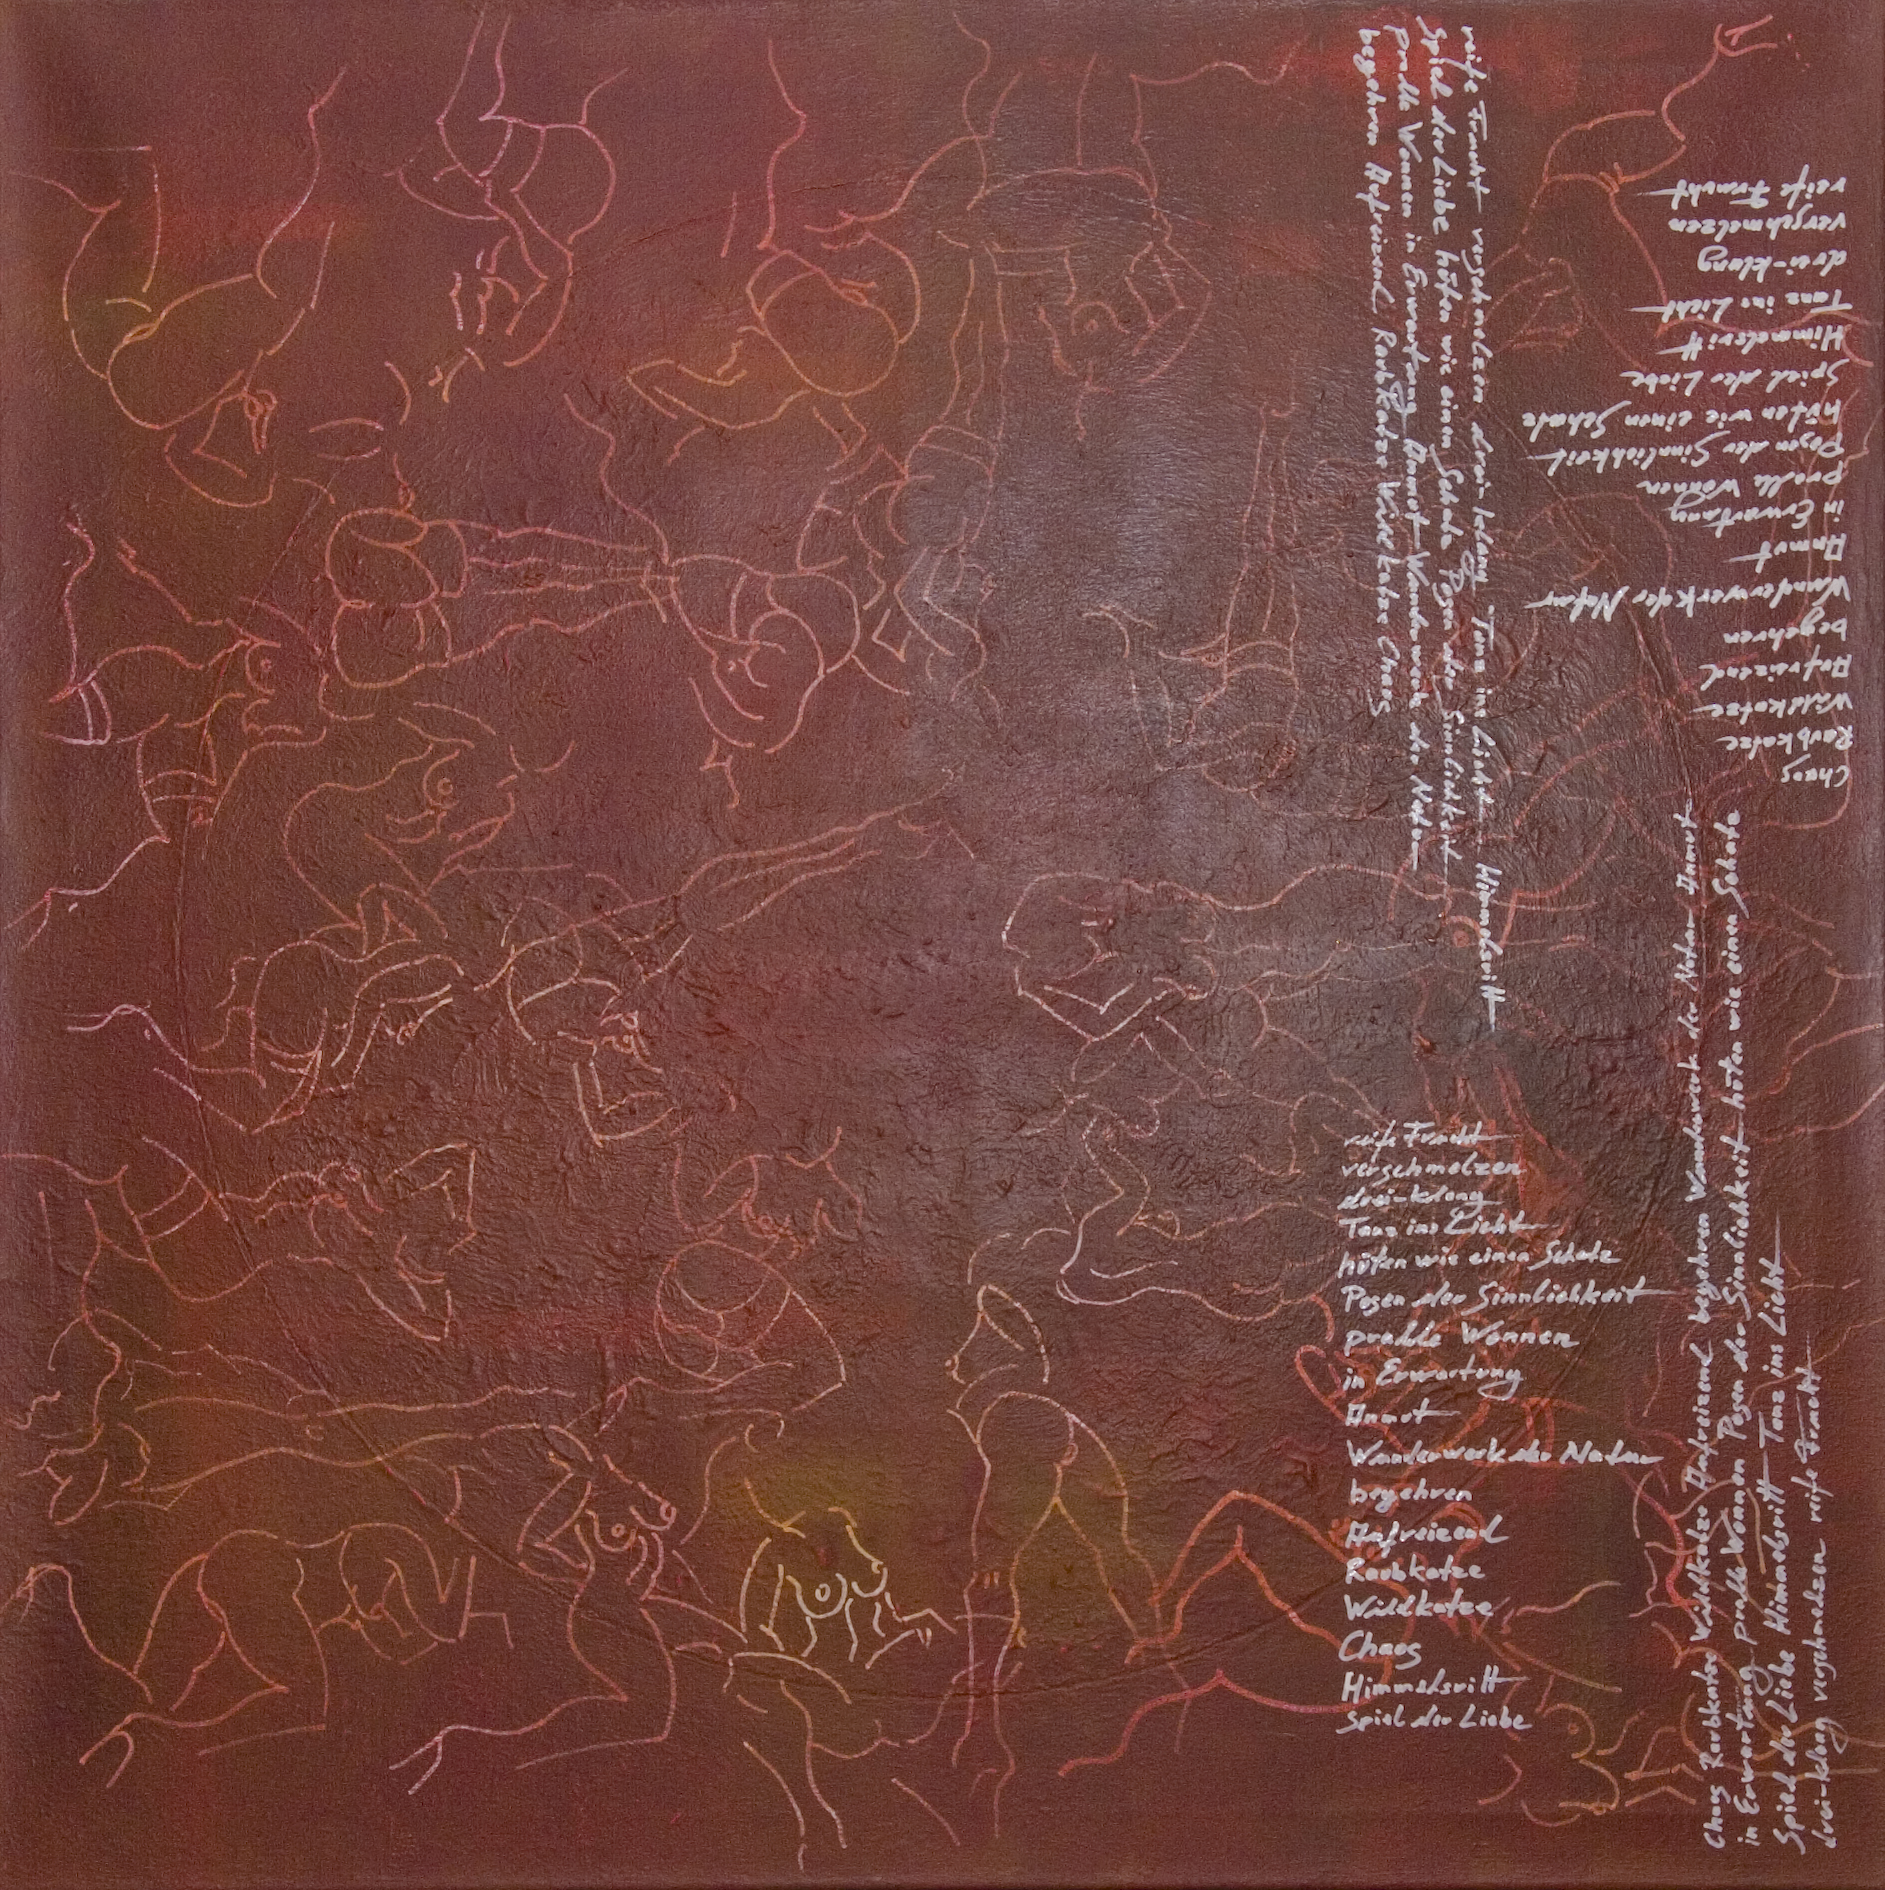 Akt & Schrift Acryl auf Leinen, Lackstift100x100cm 2015